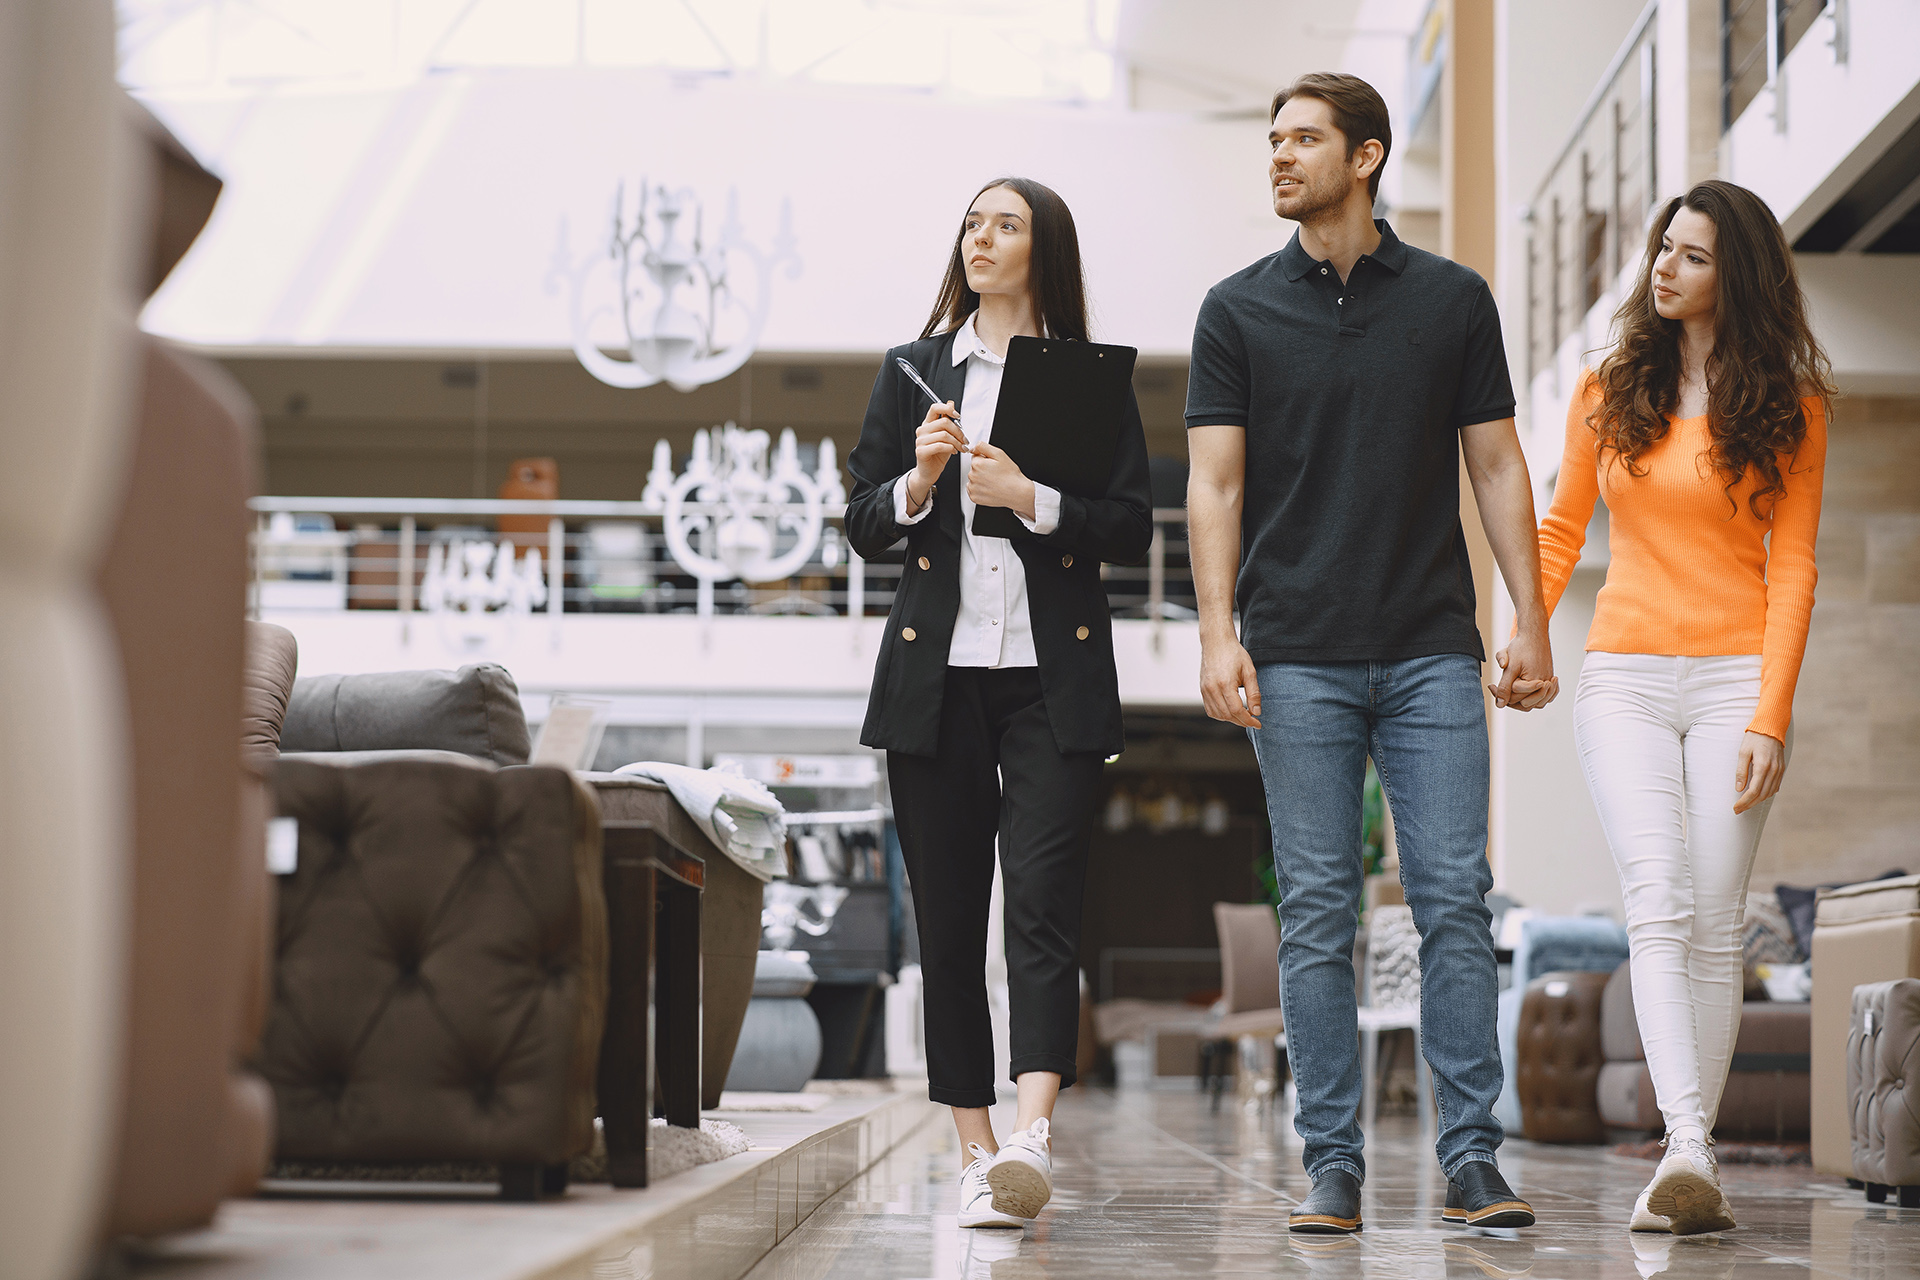 objeção de vendas - casal em uma loja de móveis considerando comprar móveis acompanhados de uma vendedora